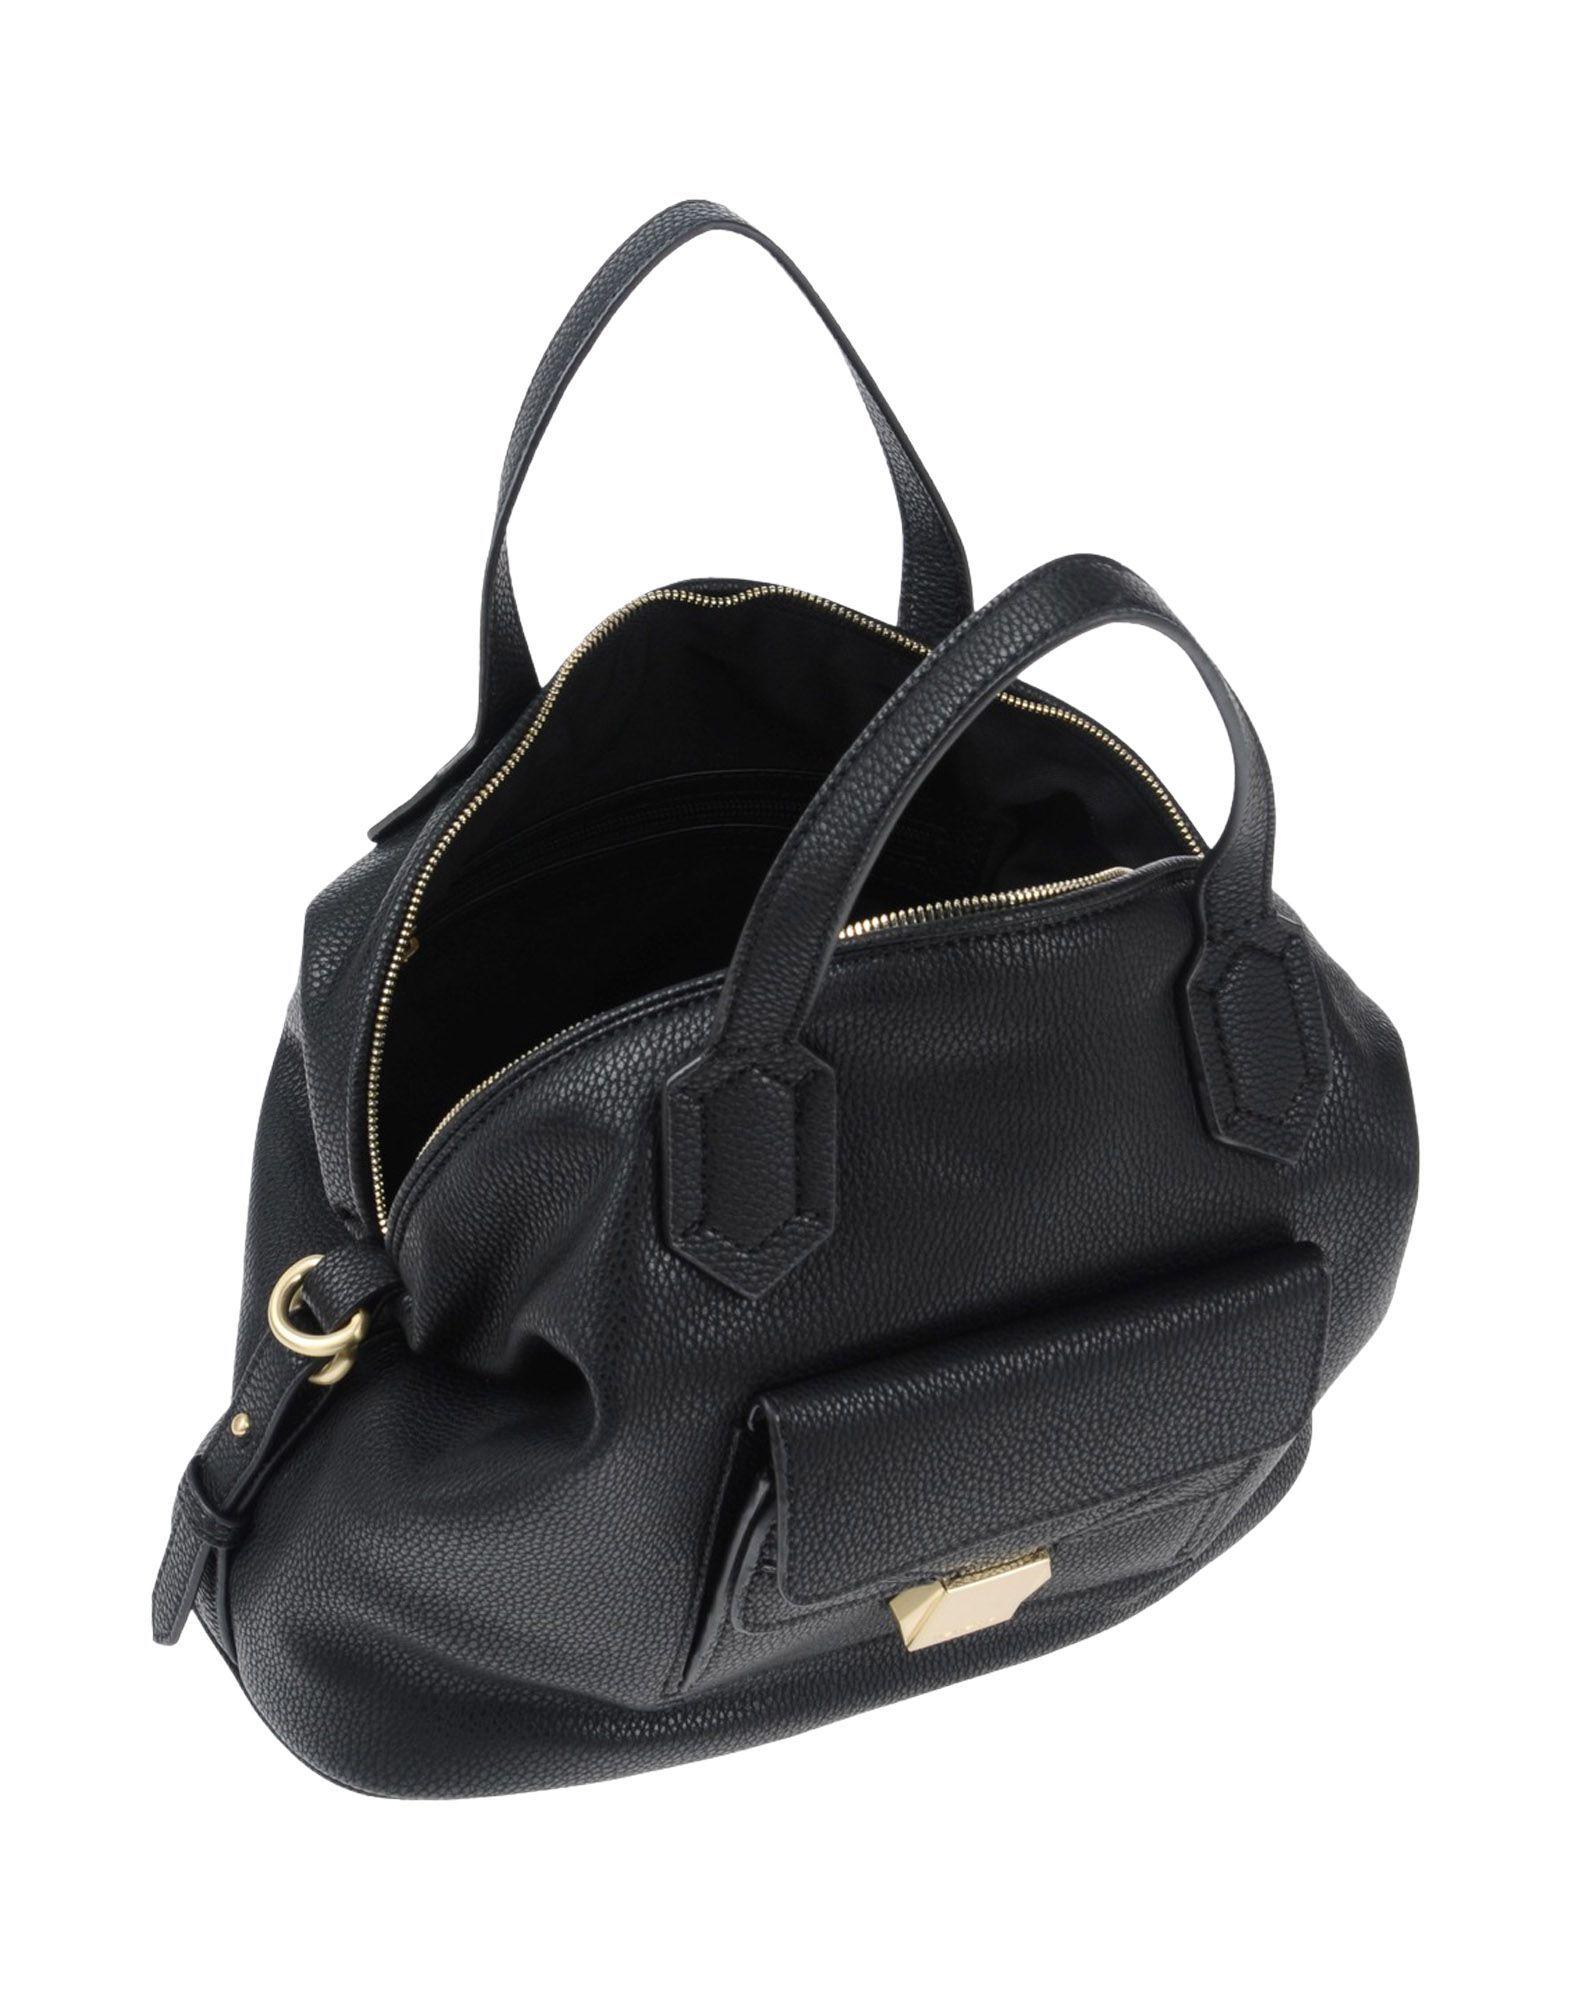 Nenette Black Faux Leather Bucket Bag